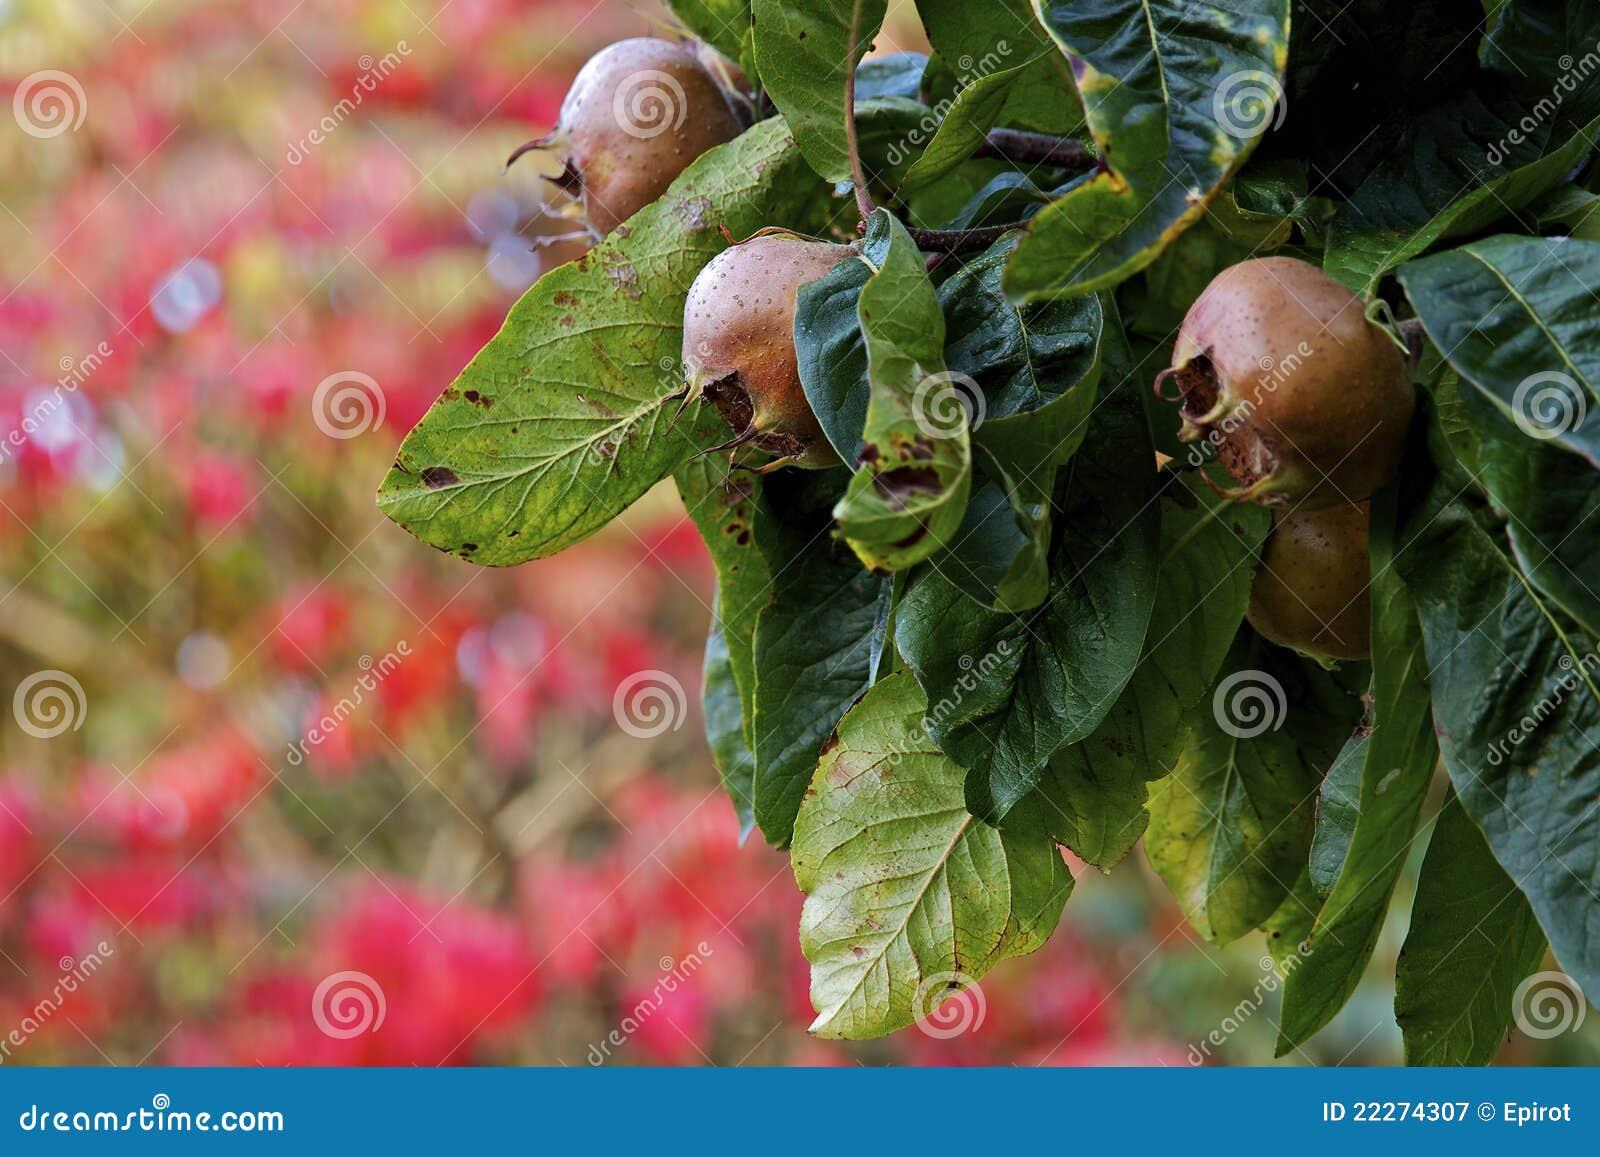 medlar tree and fruit in autumn tudeley kent uk royalty. Black Bedroom Furniture Sets. Home Design Ideas